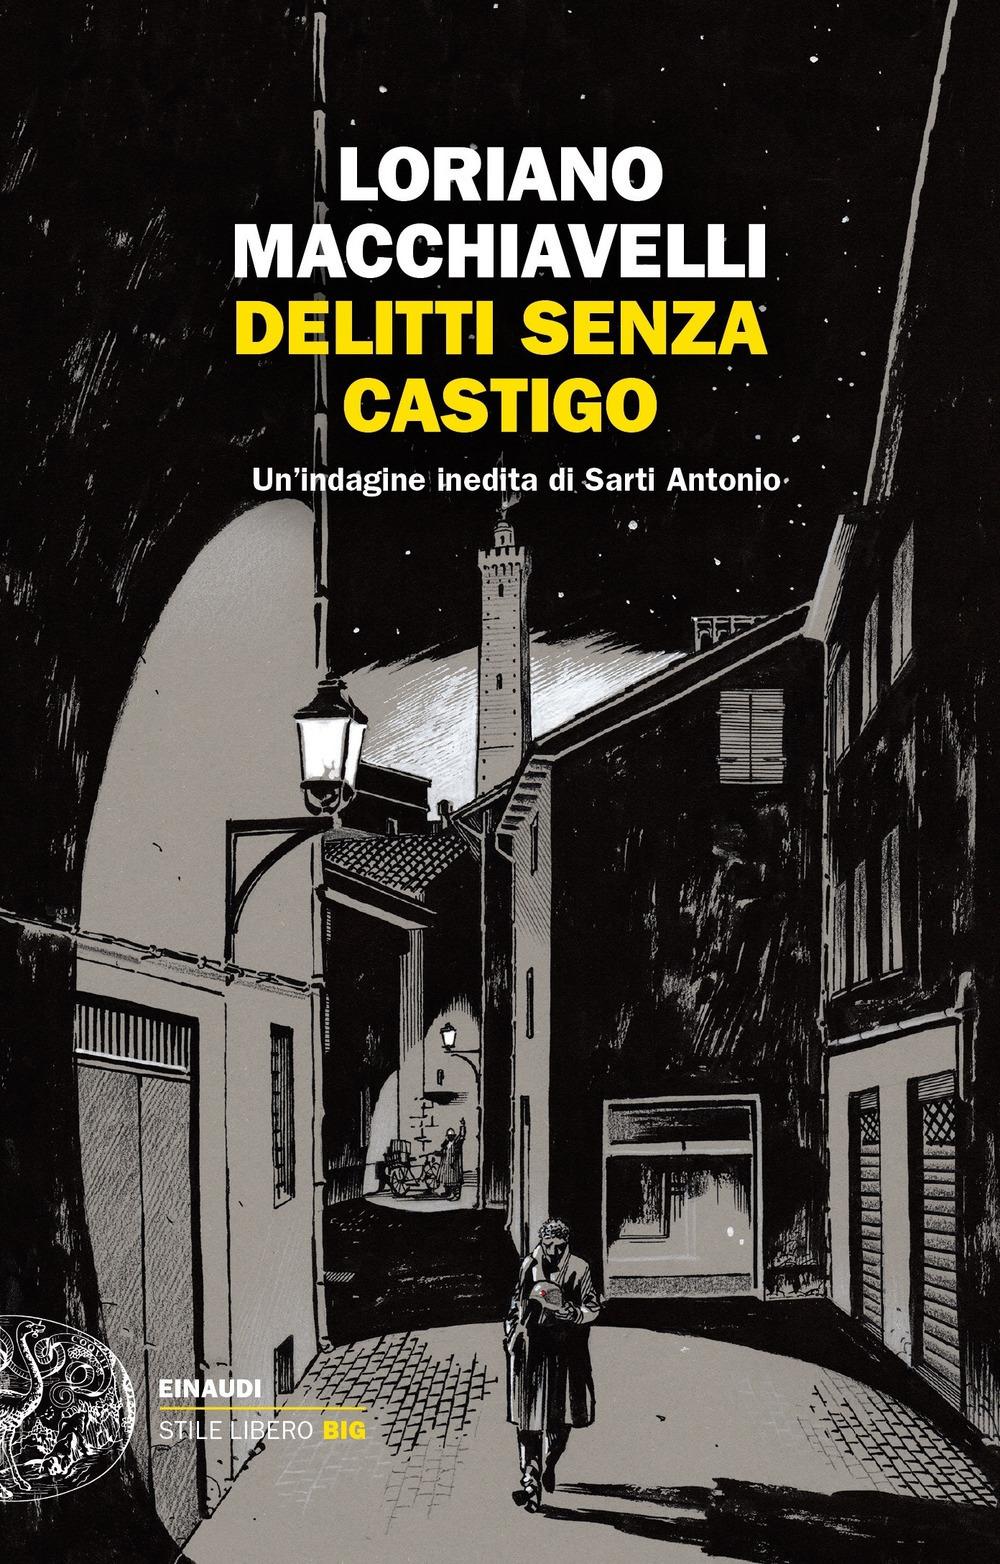 DELITTI SENZA CASTIGO. UN'INDAGINE INEDITA DI SARTI ANTONIO - Macchiavelli Loriano - 9788806242008